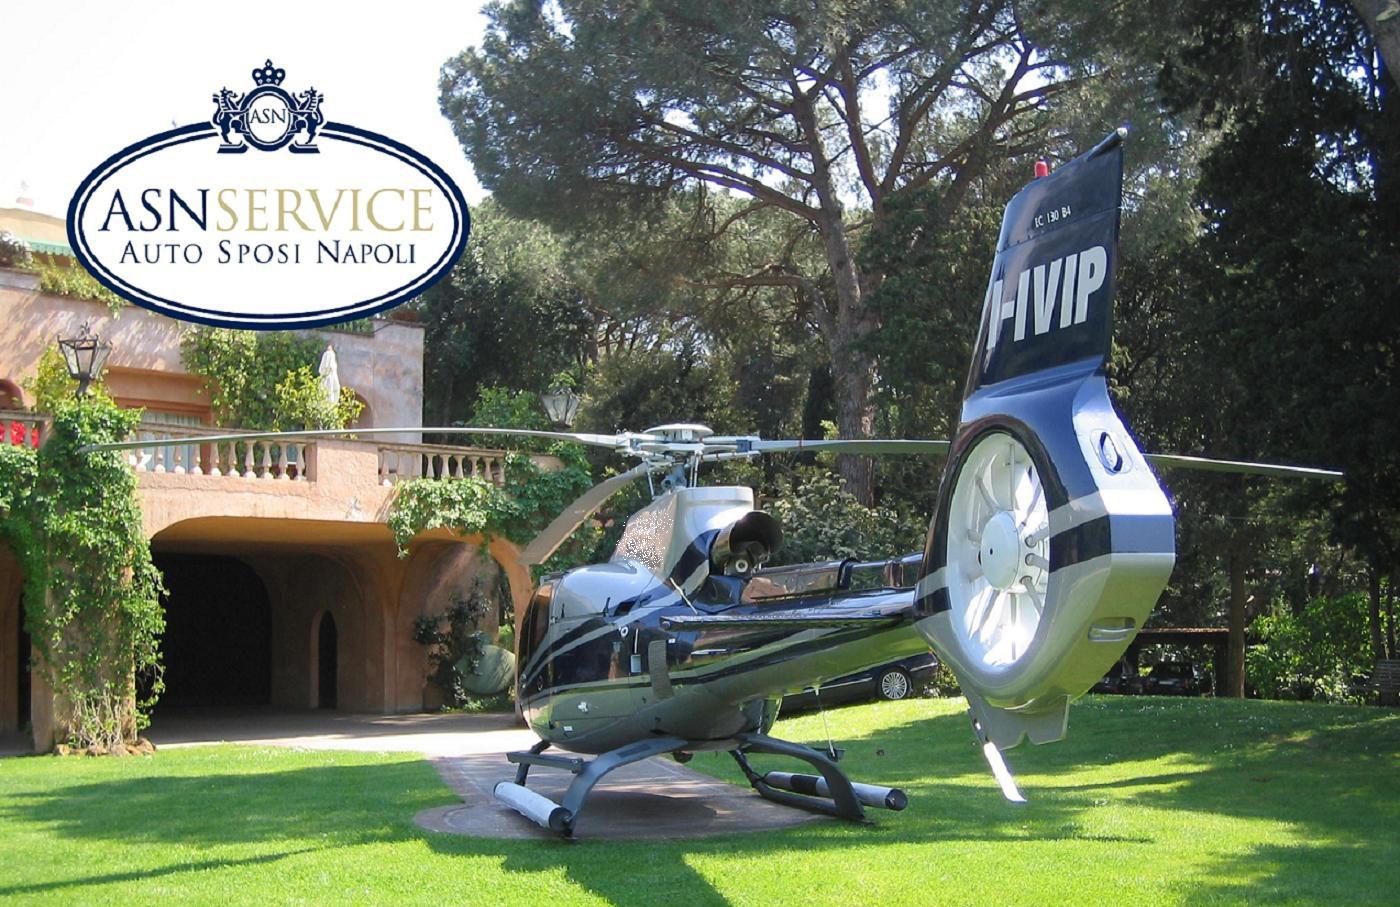 Elicottero Napoli : Asn service noleggio auto ed elicotteri per matrimoni e